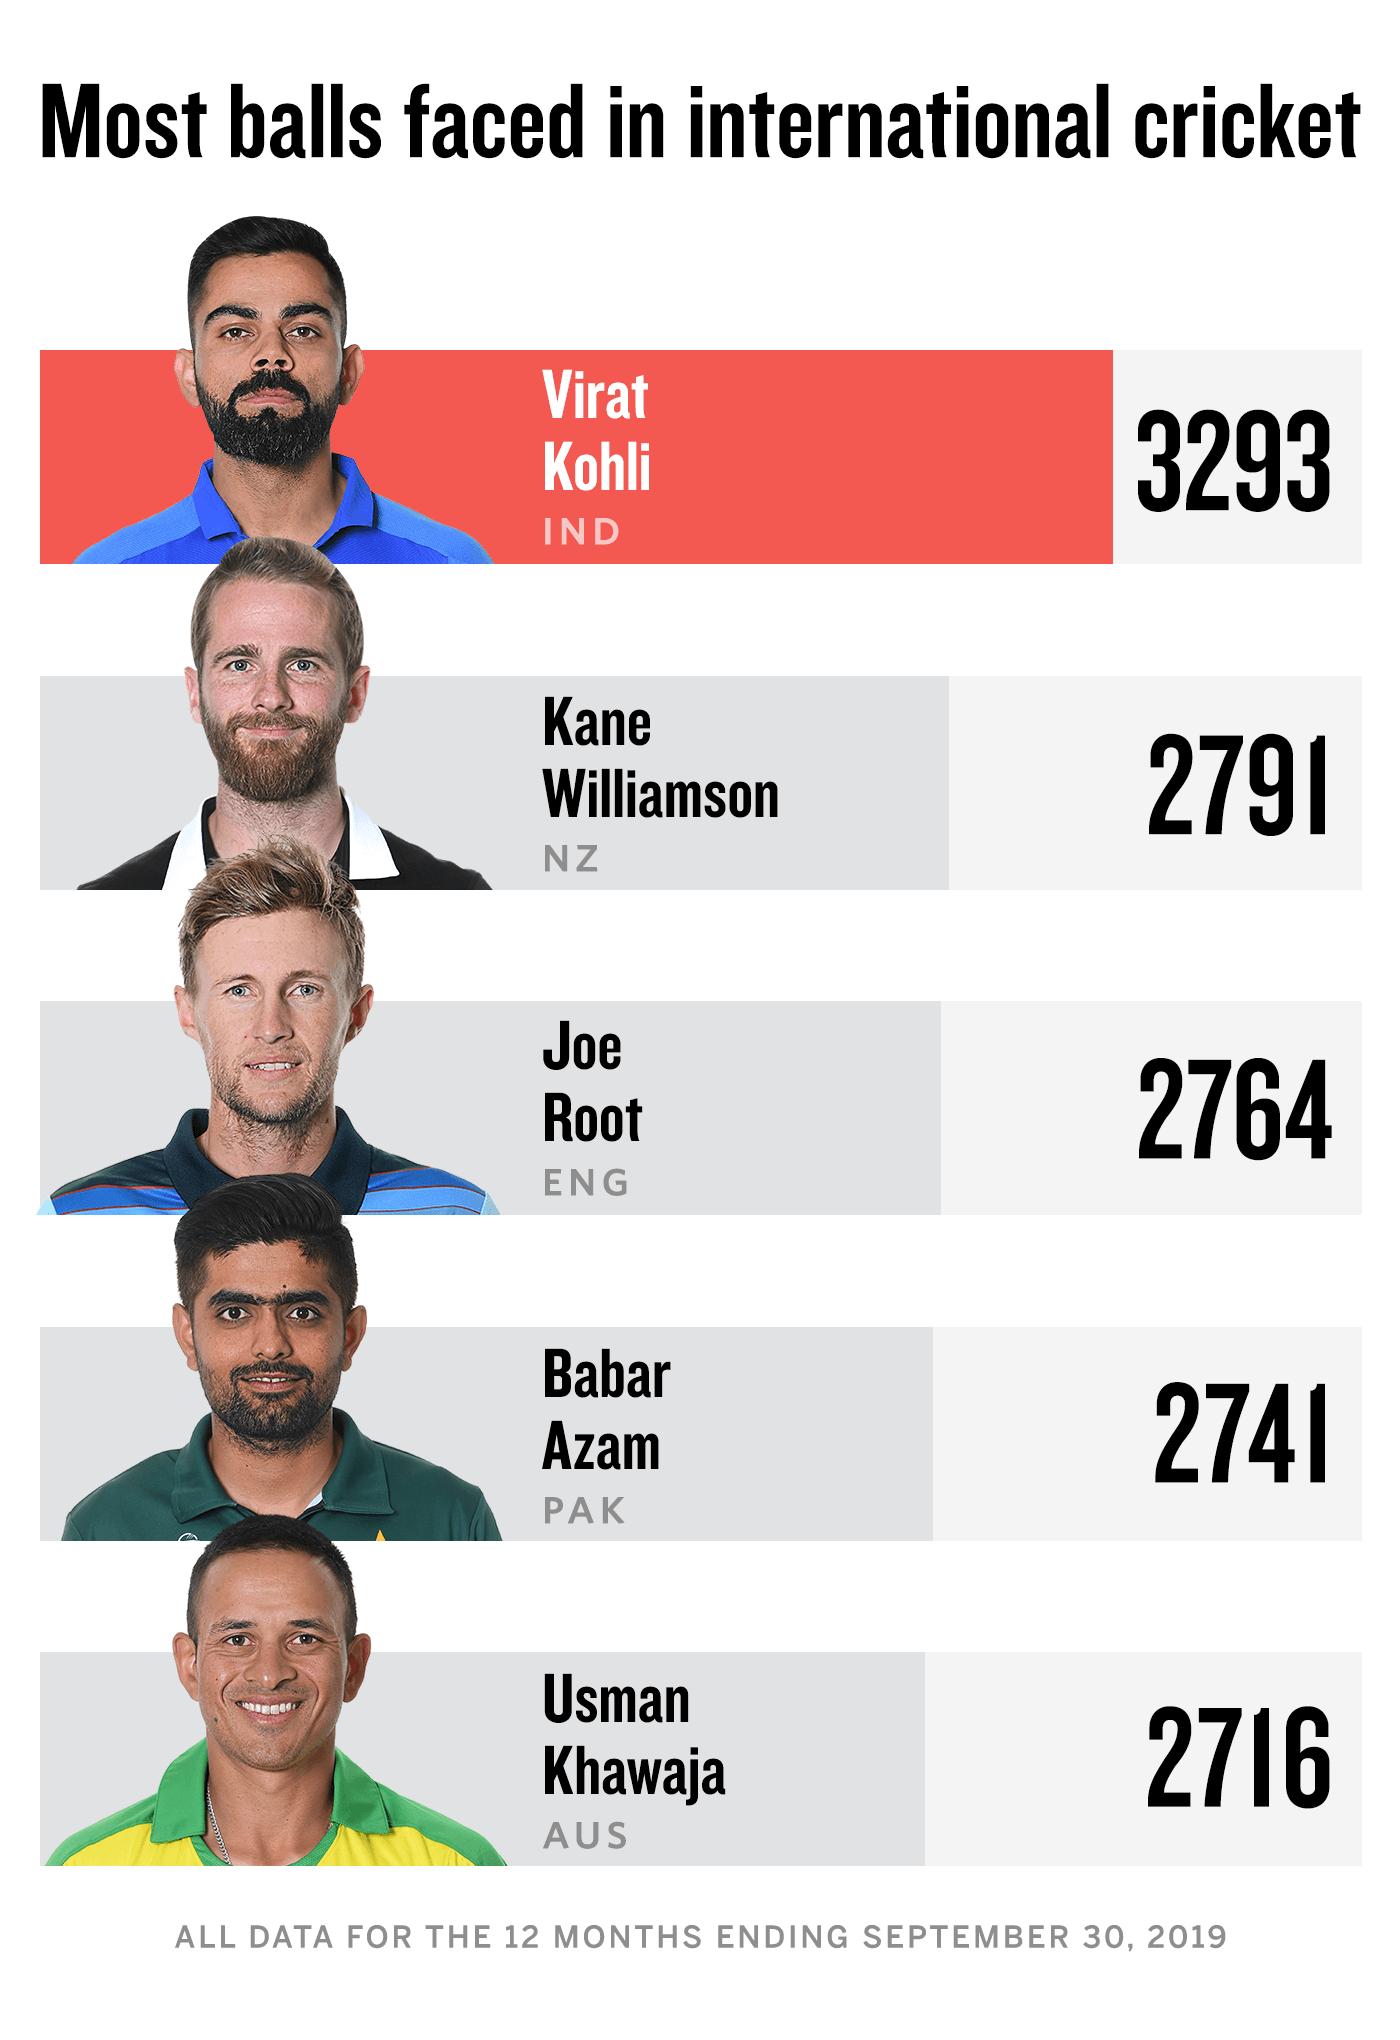 Most balls faced in international cricket